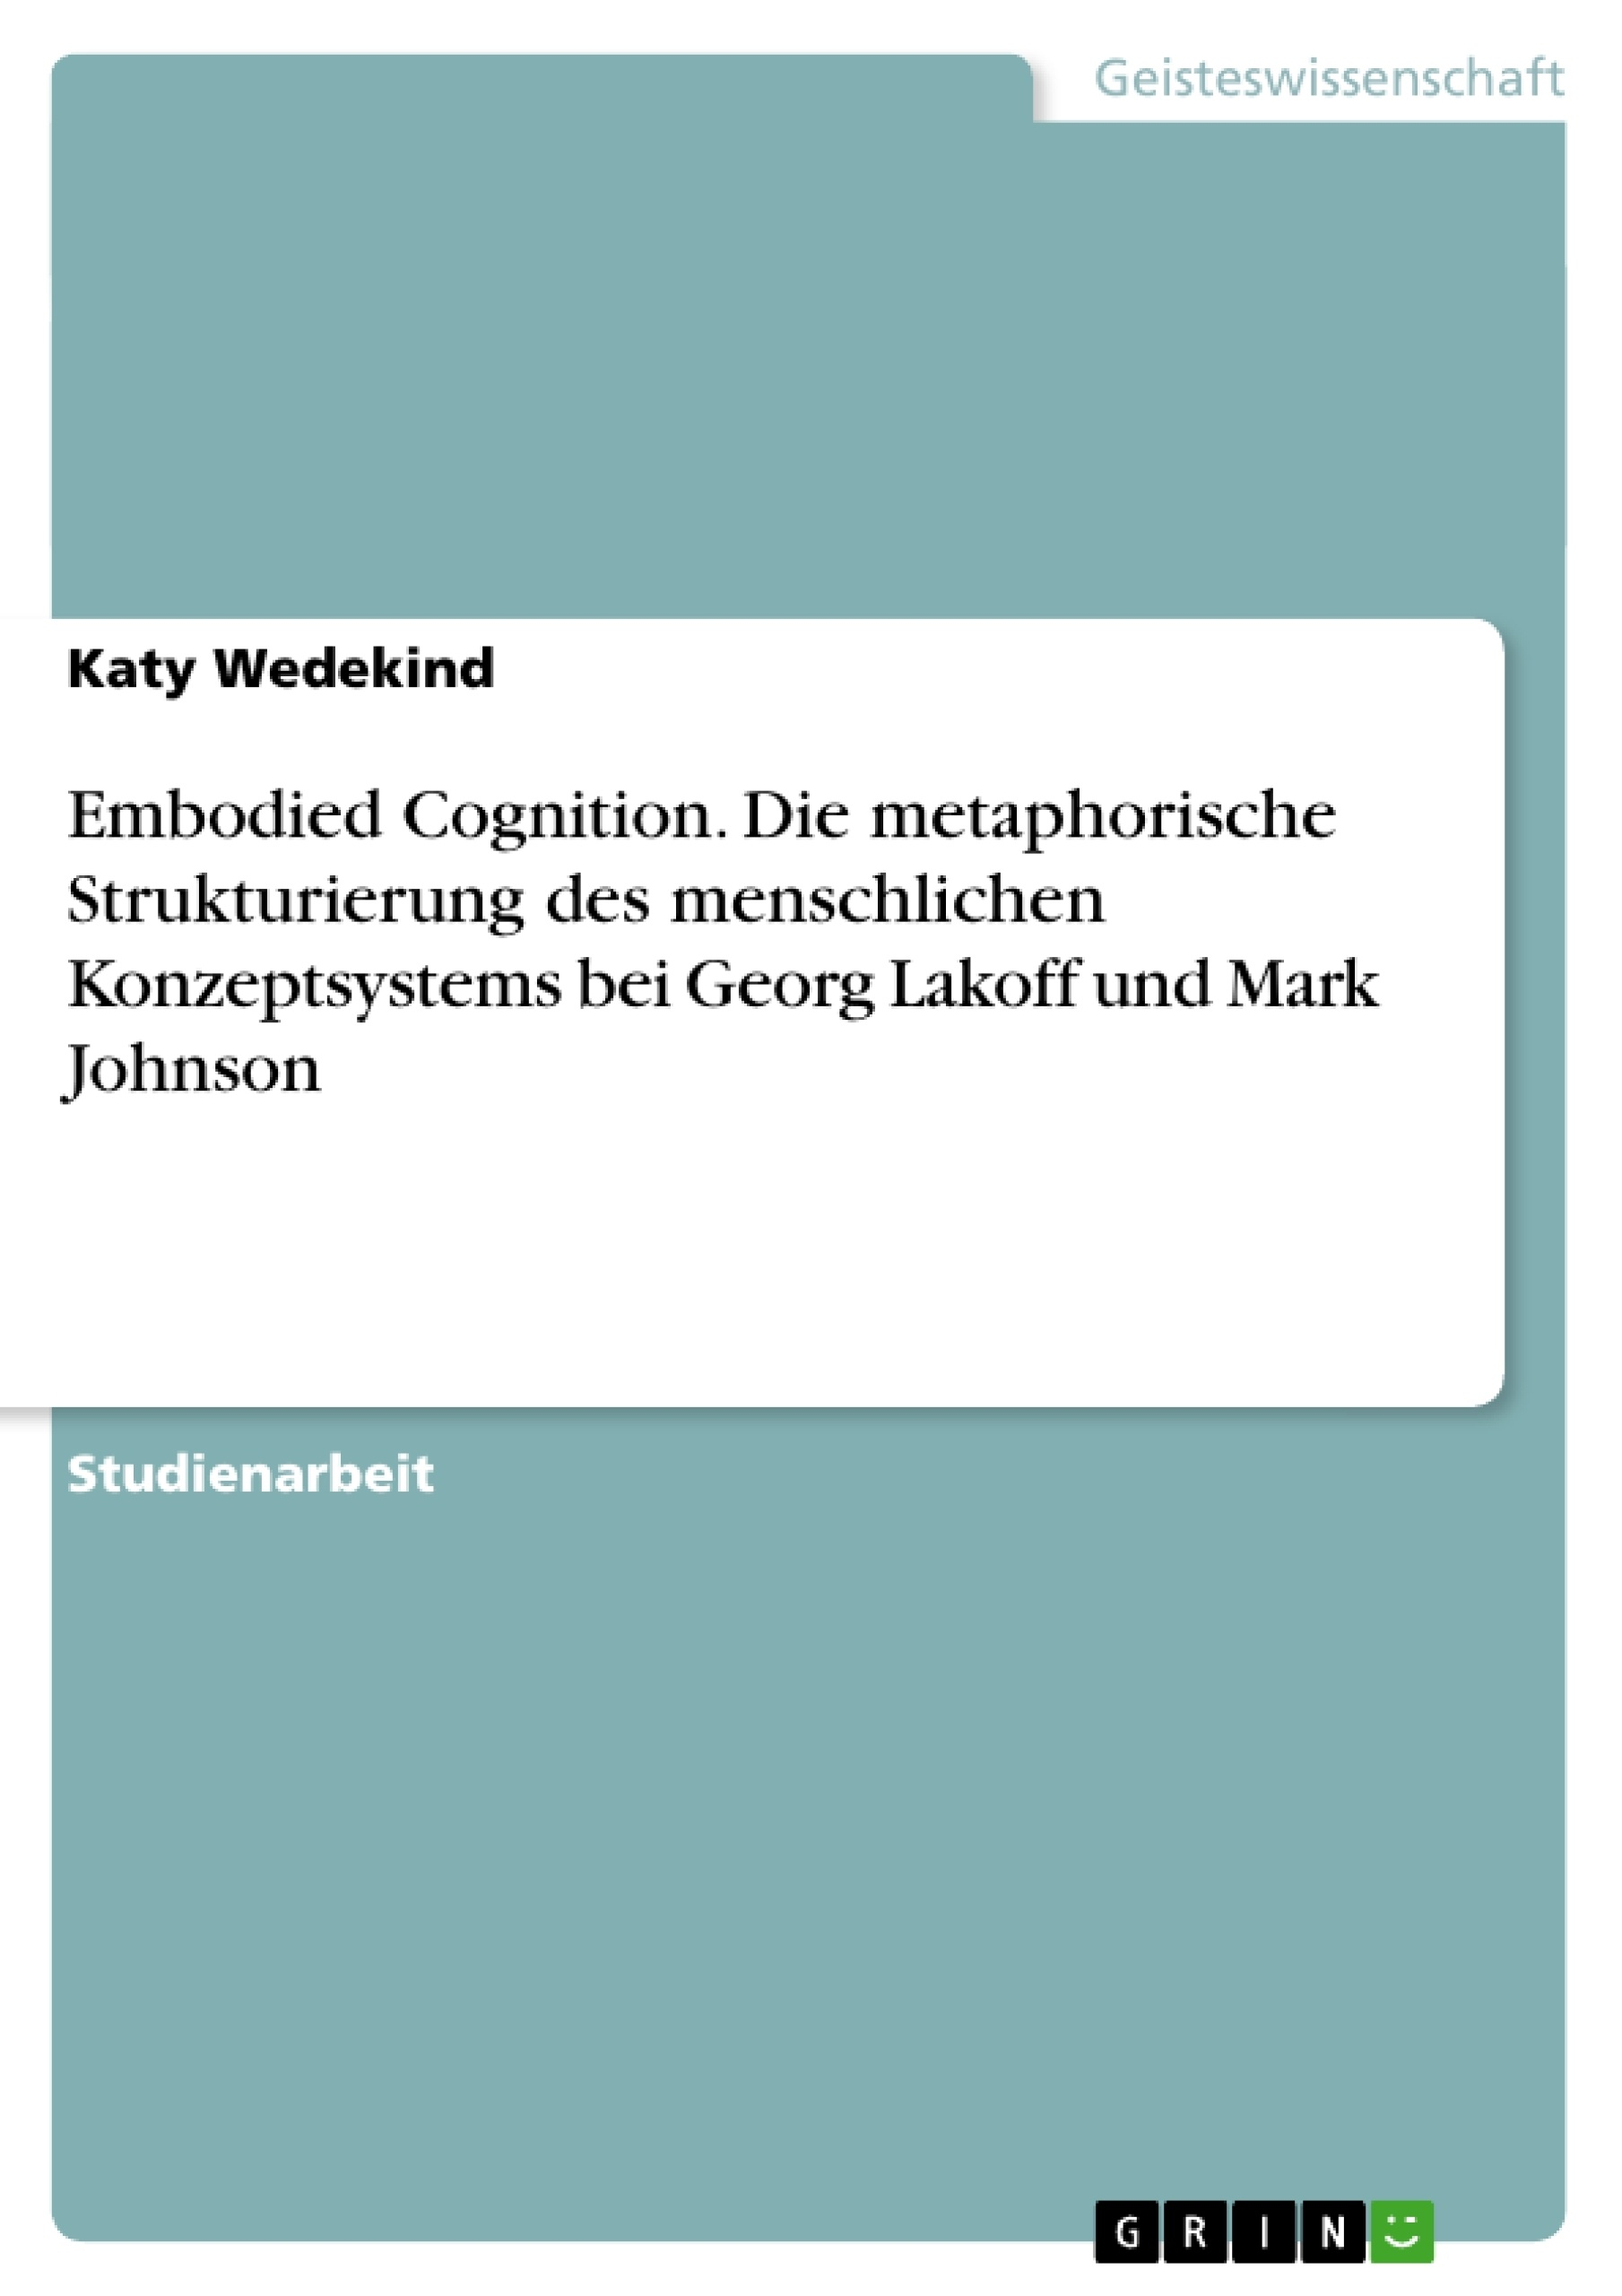 Titel: Embodied Cognition. Die metaphorische Strukturierung des menschlichen Konzeptsystems bei Georg Lakoff und Mark Johnson